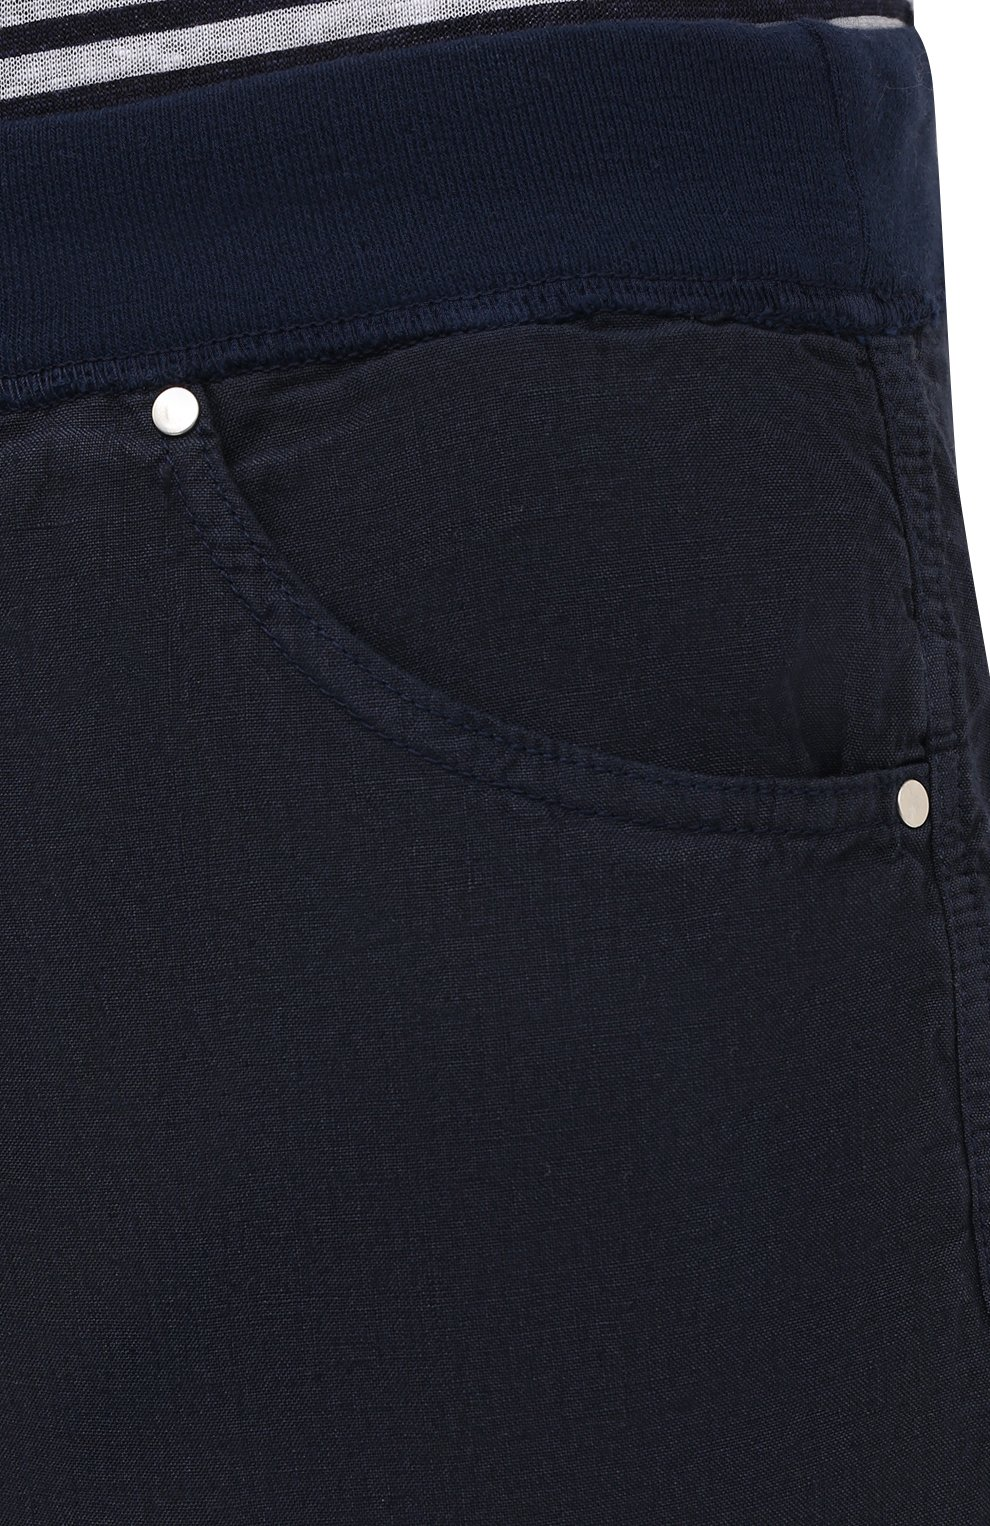 Мужские льняные шорты 120% LINO темно-синего цвета, арт. T0M2120/0253/000 | Фото 5 (Мужское Кросс-КТ: Шорты-одежда; Длина Шорты М: До колена; Принт: Без принта; Материал внешний: Лен; Стили: Кэжуэл)